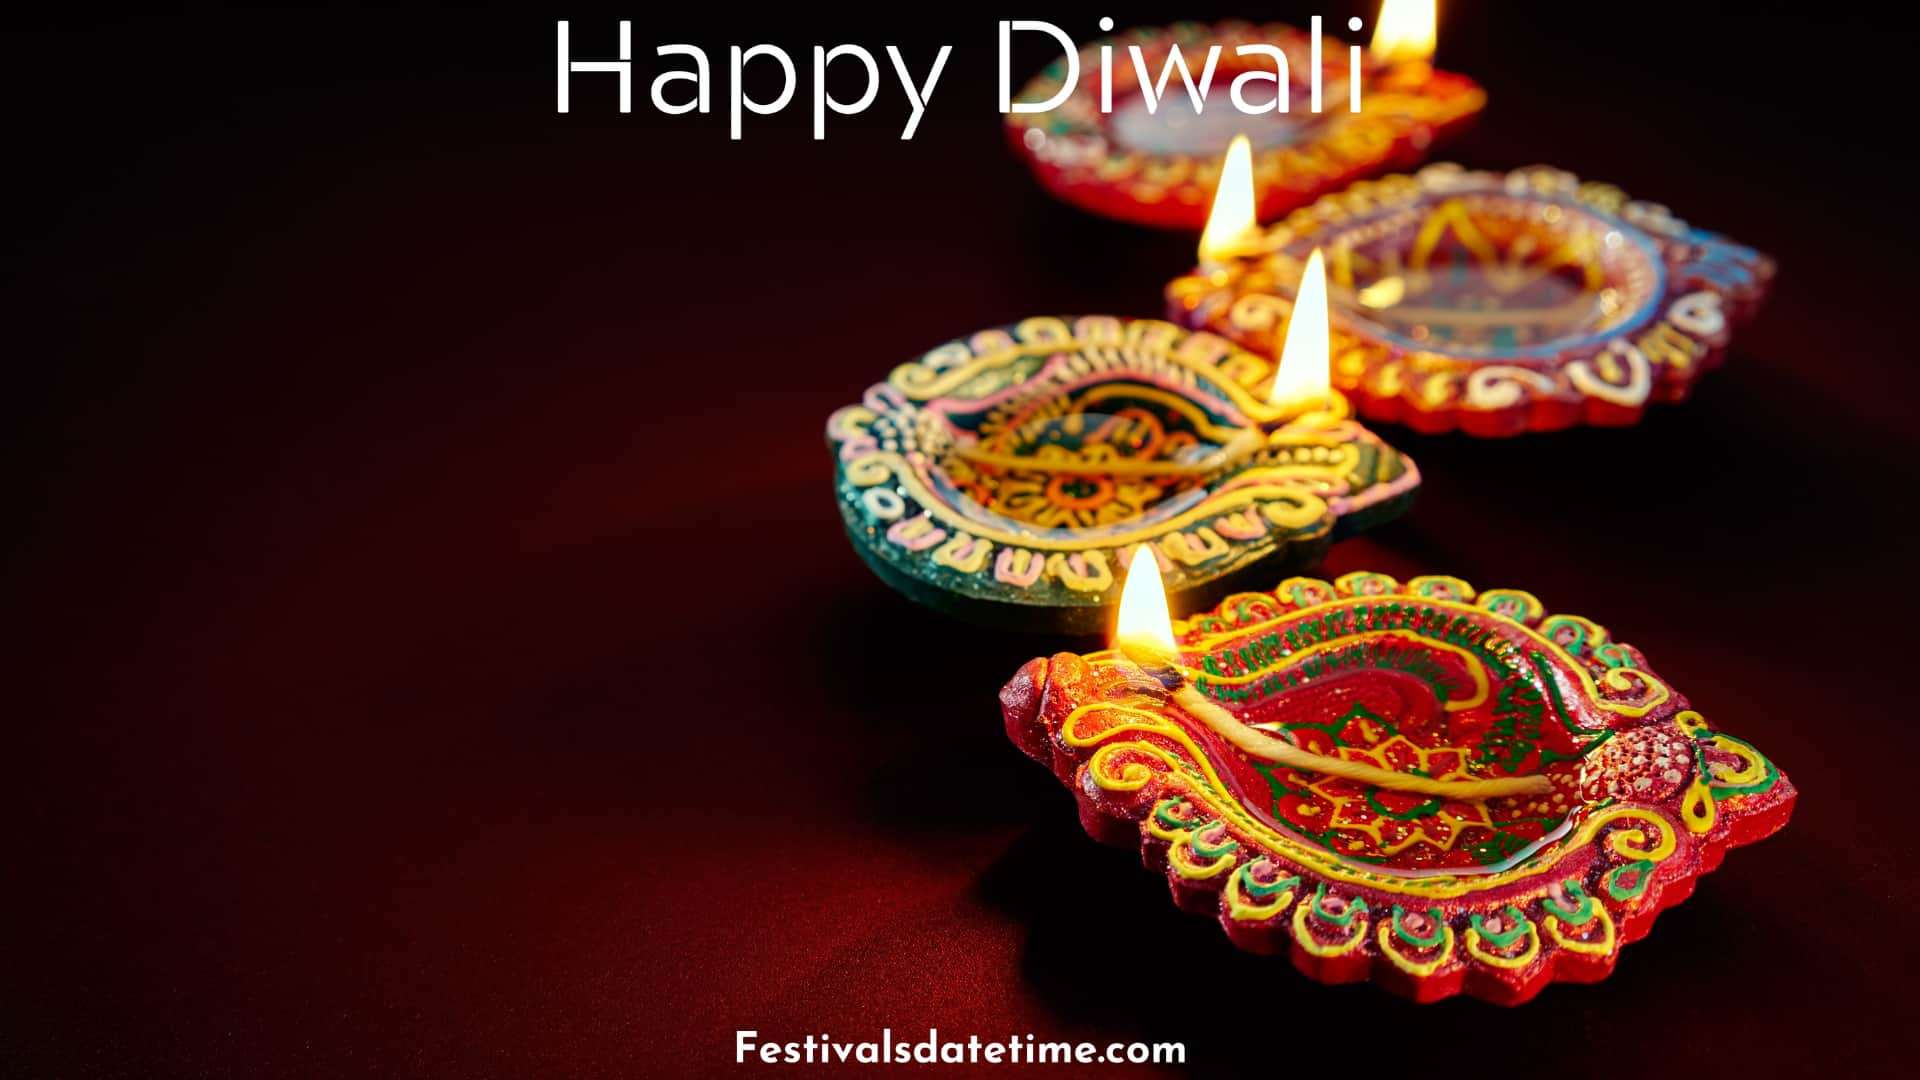 diwali_decoration_with_diya